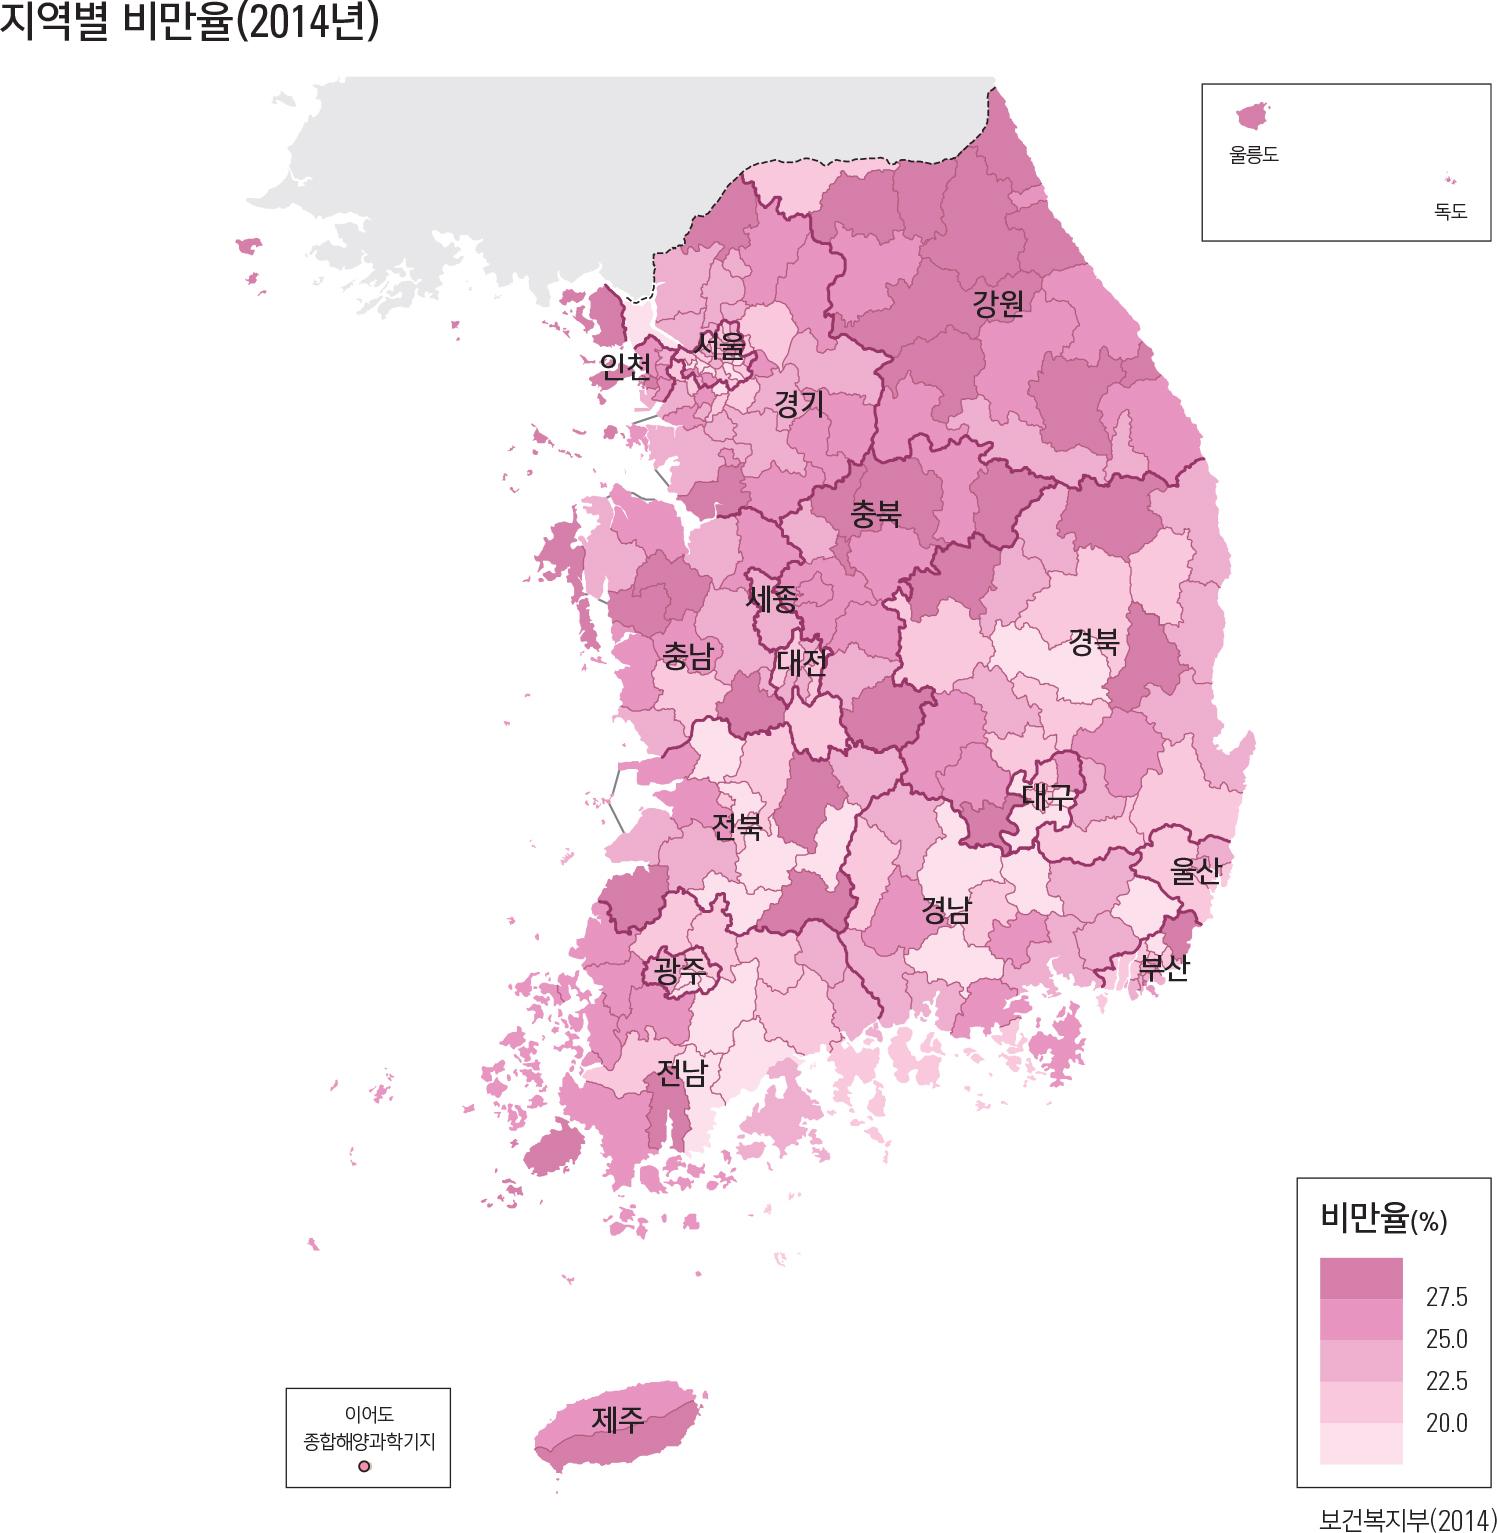 지역별 비만율(2014년)